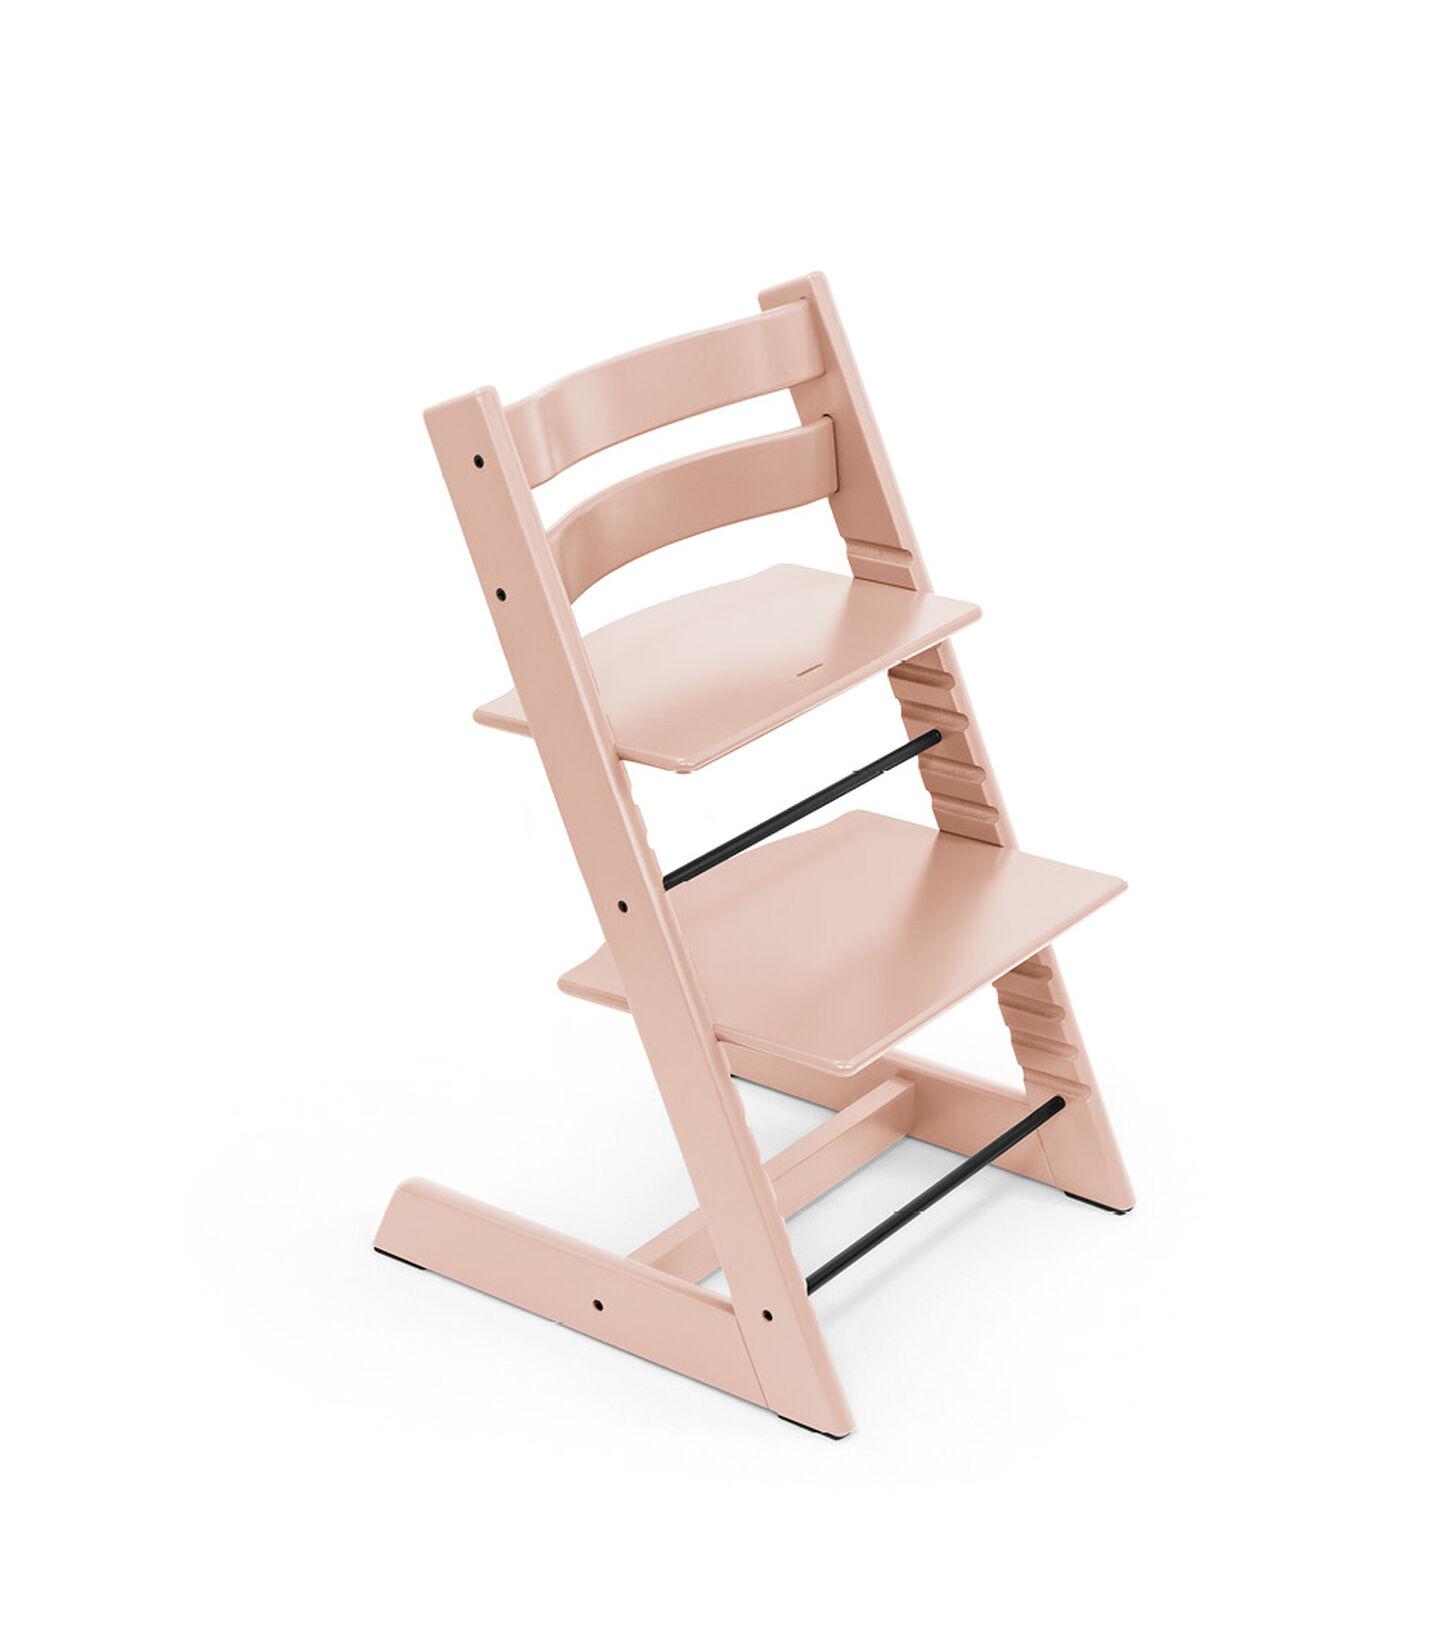 Tripp Trapp® chair Serene Pink, Beech Wood. view 2